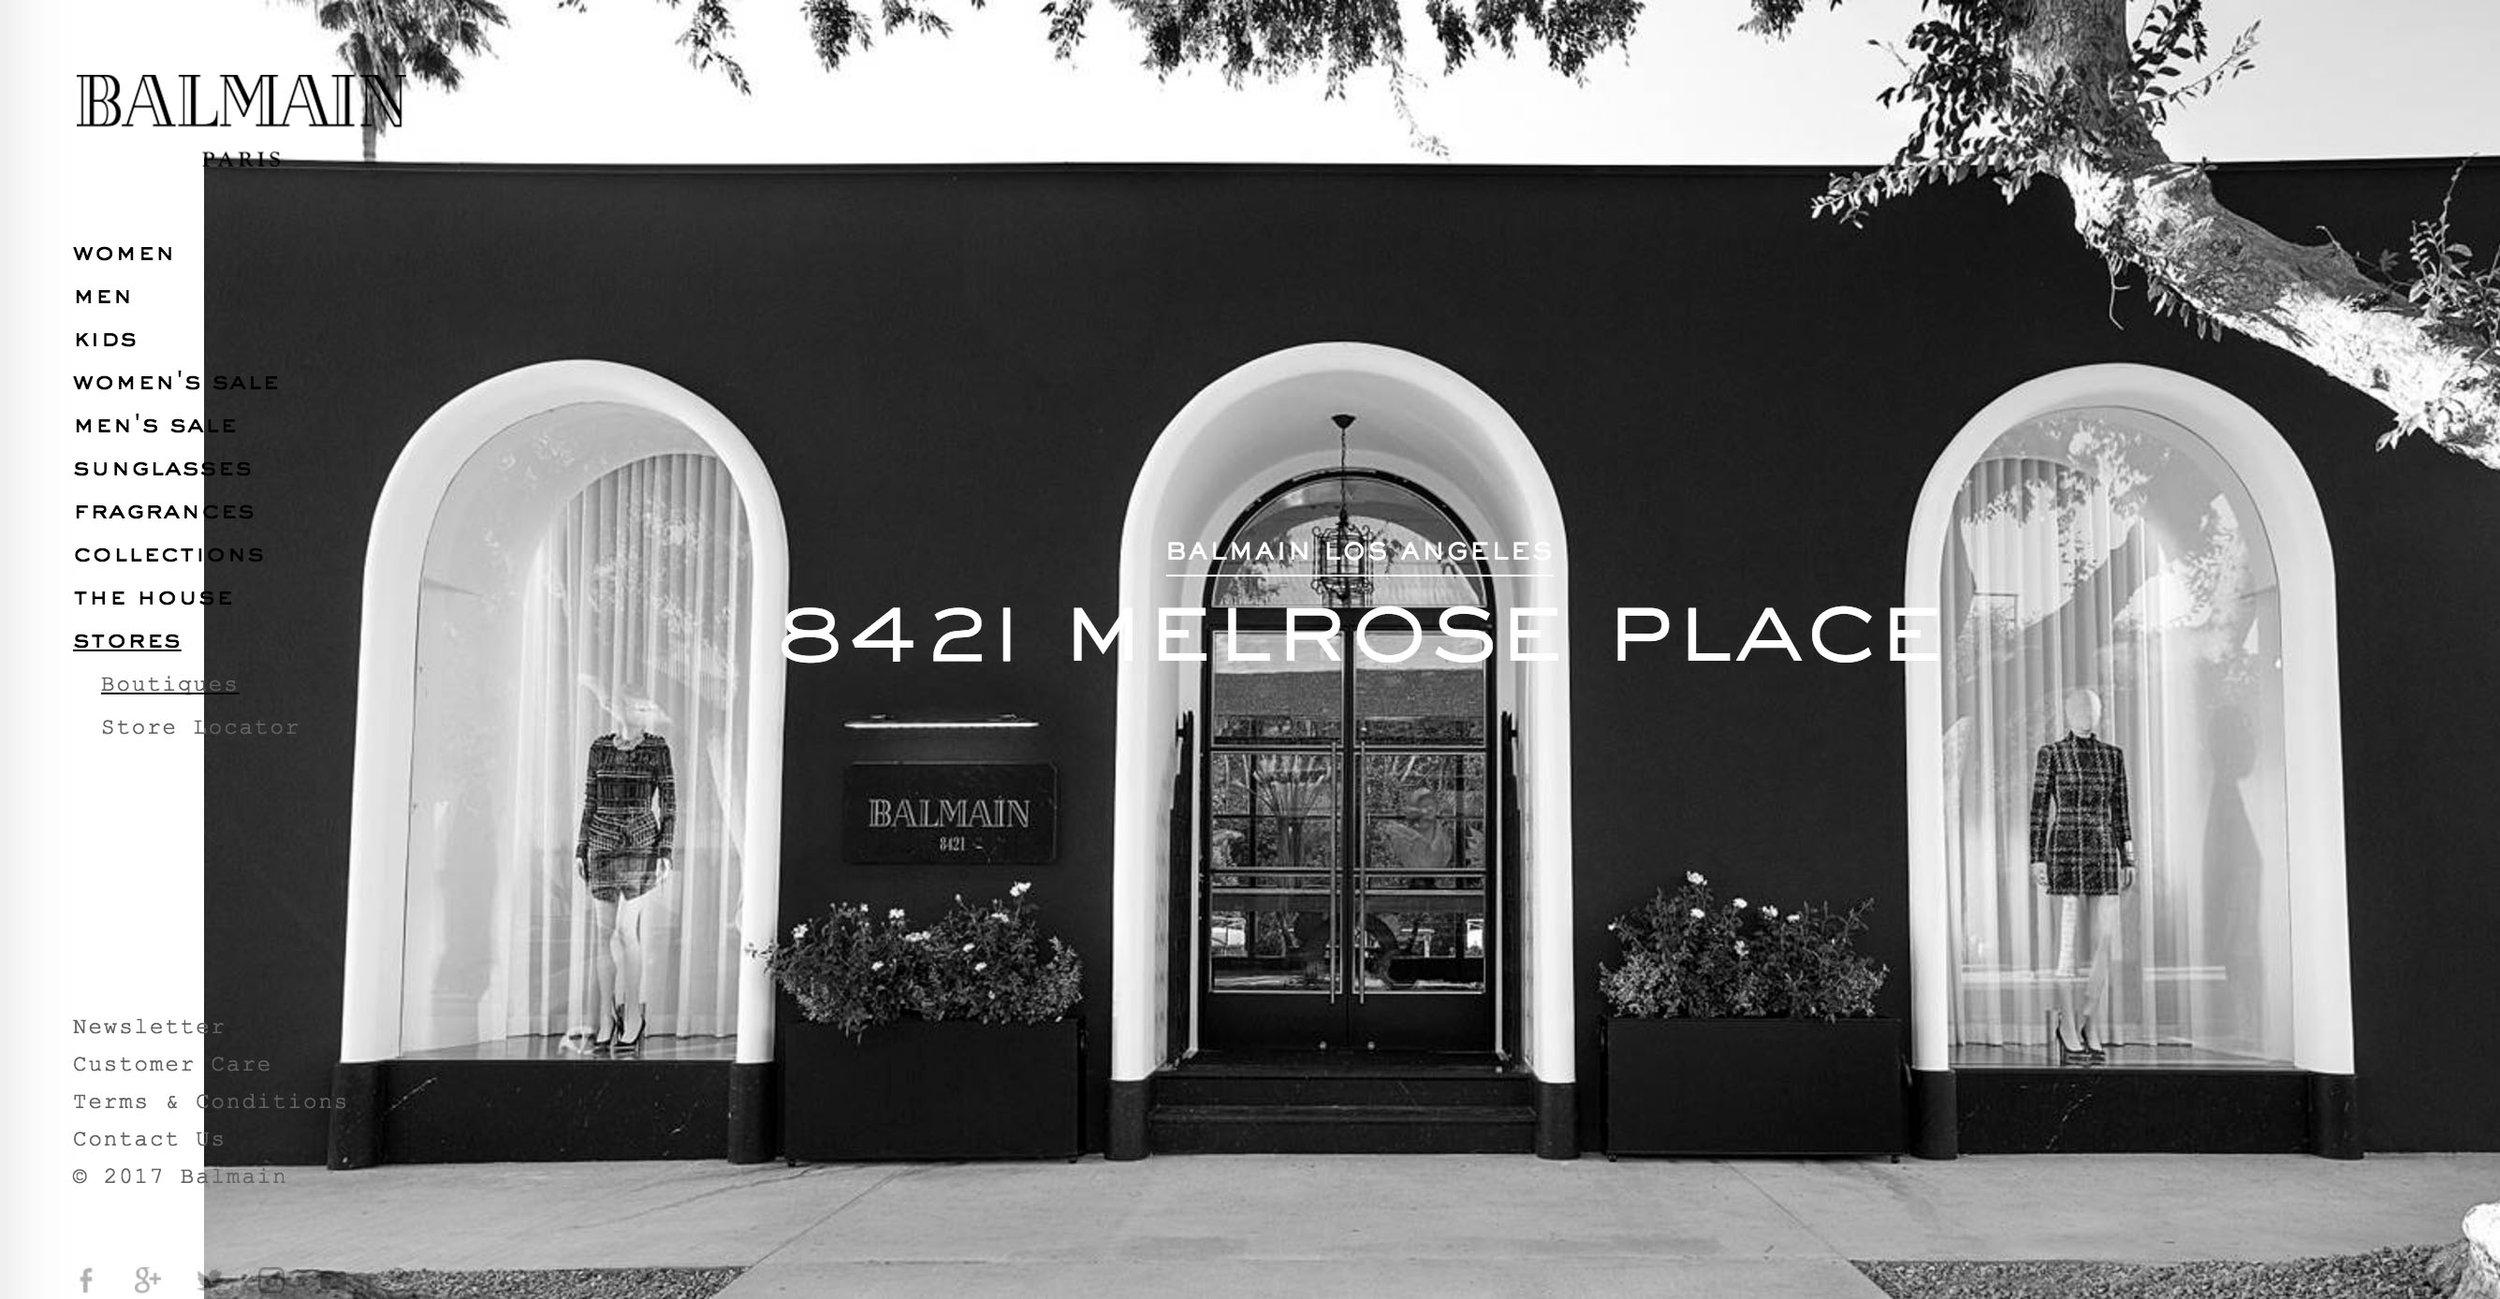 Balmain Melrose Place